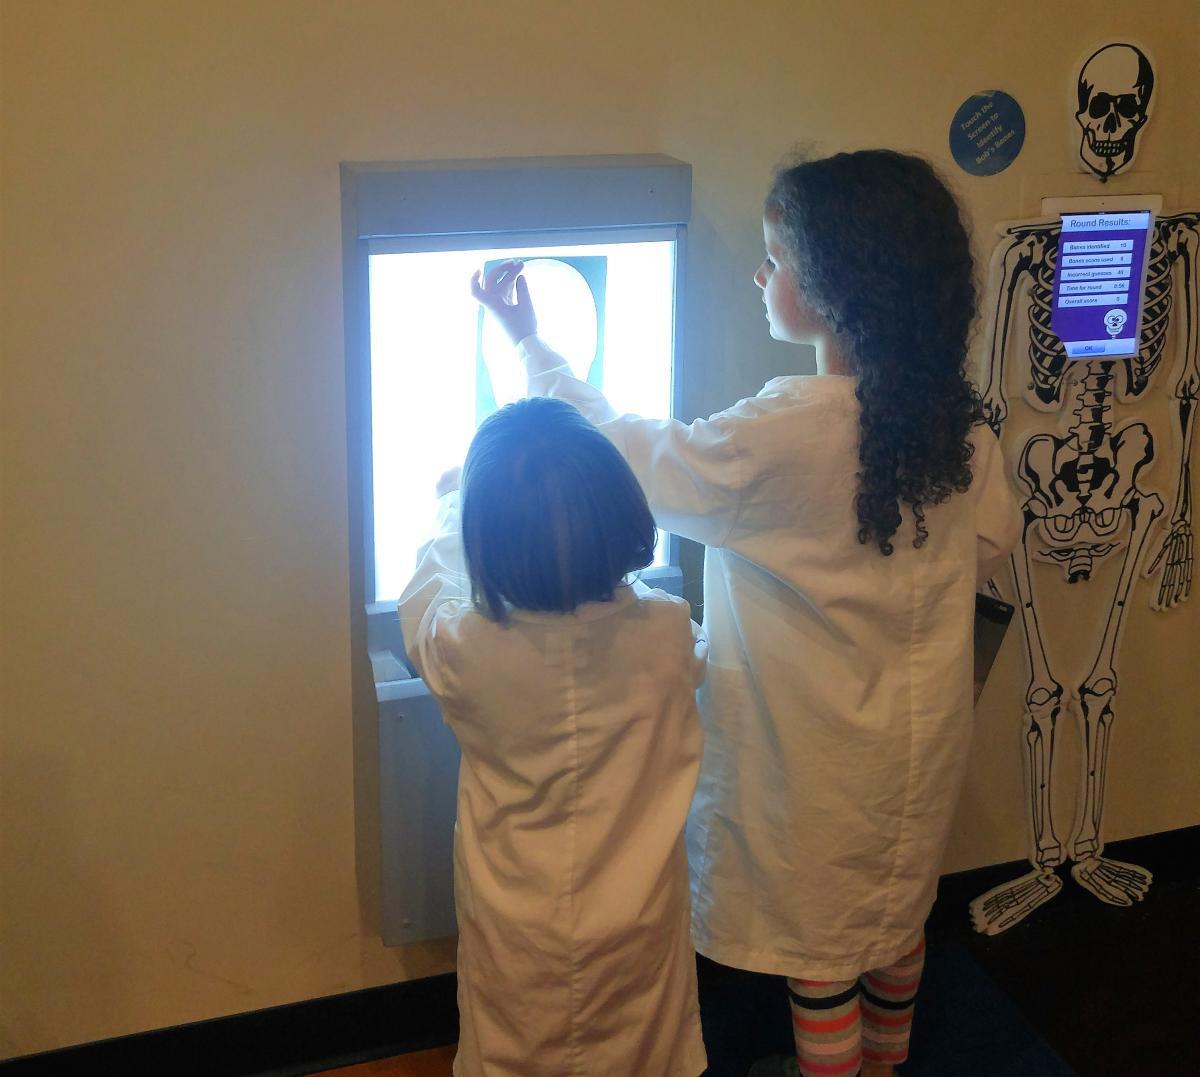 PECO Energy simulator at Bucks County Children's Museum